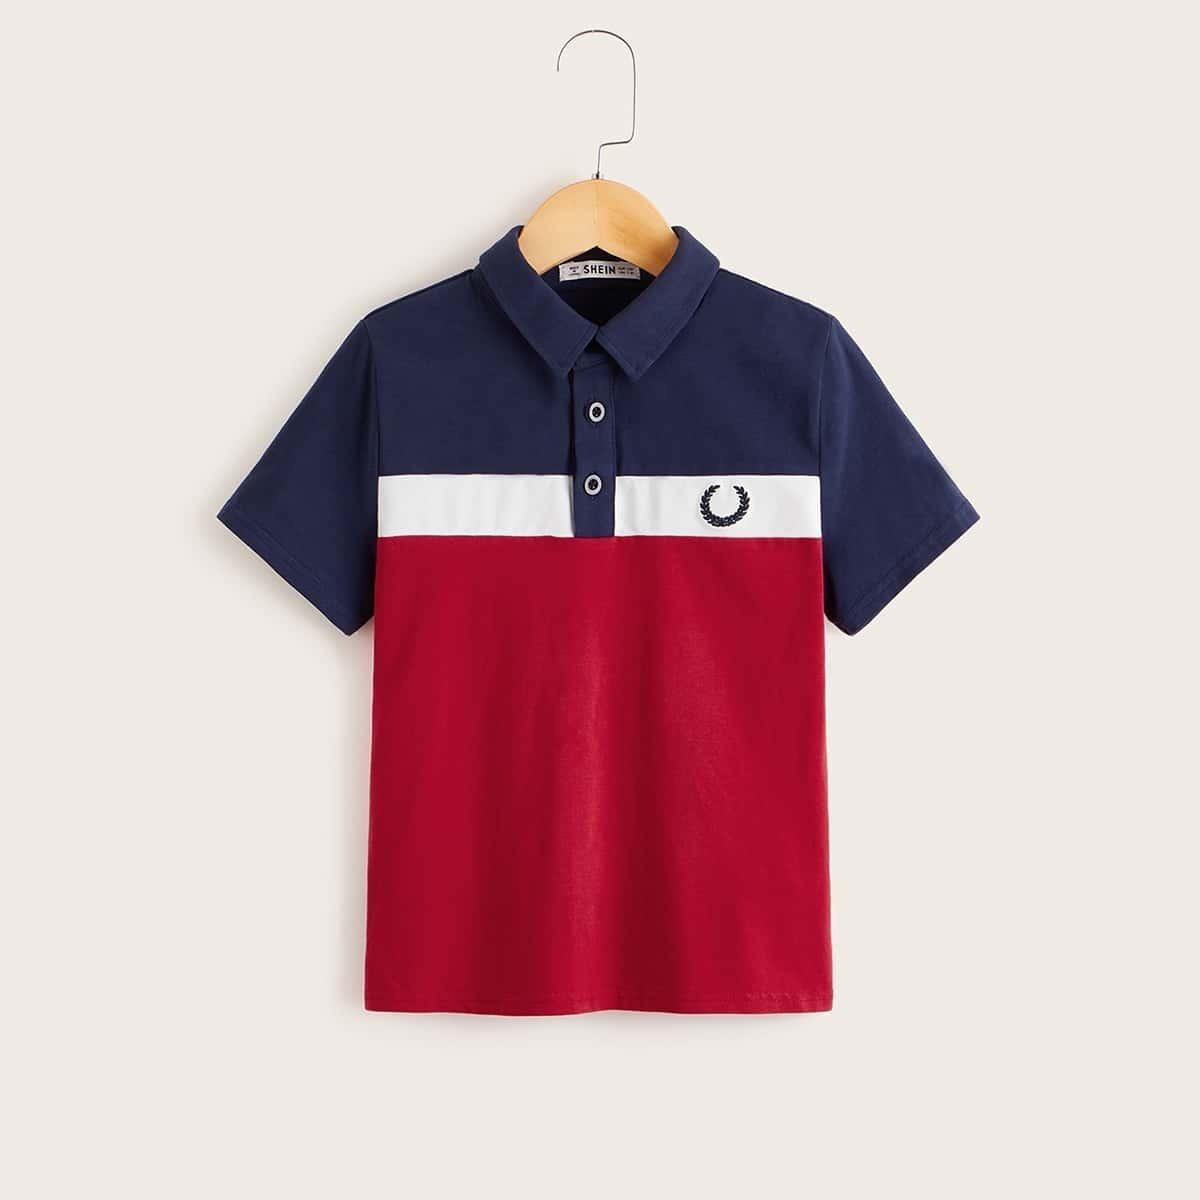 Veel kleurig Casual Poloshirts voor jongens Borduurwerk